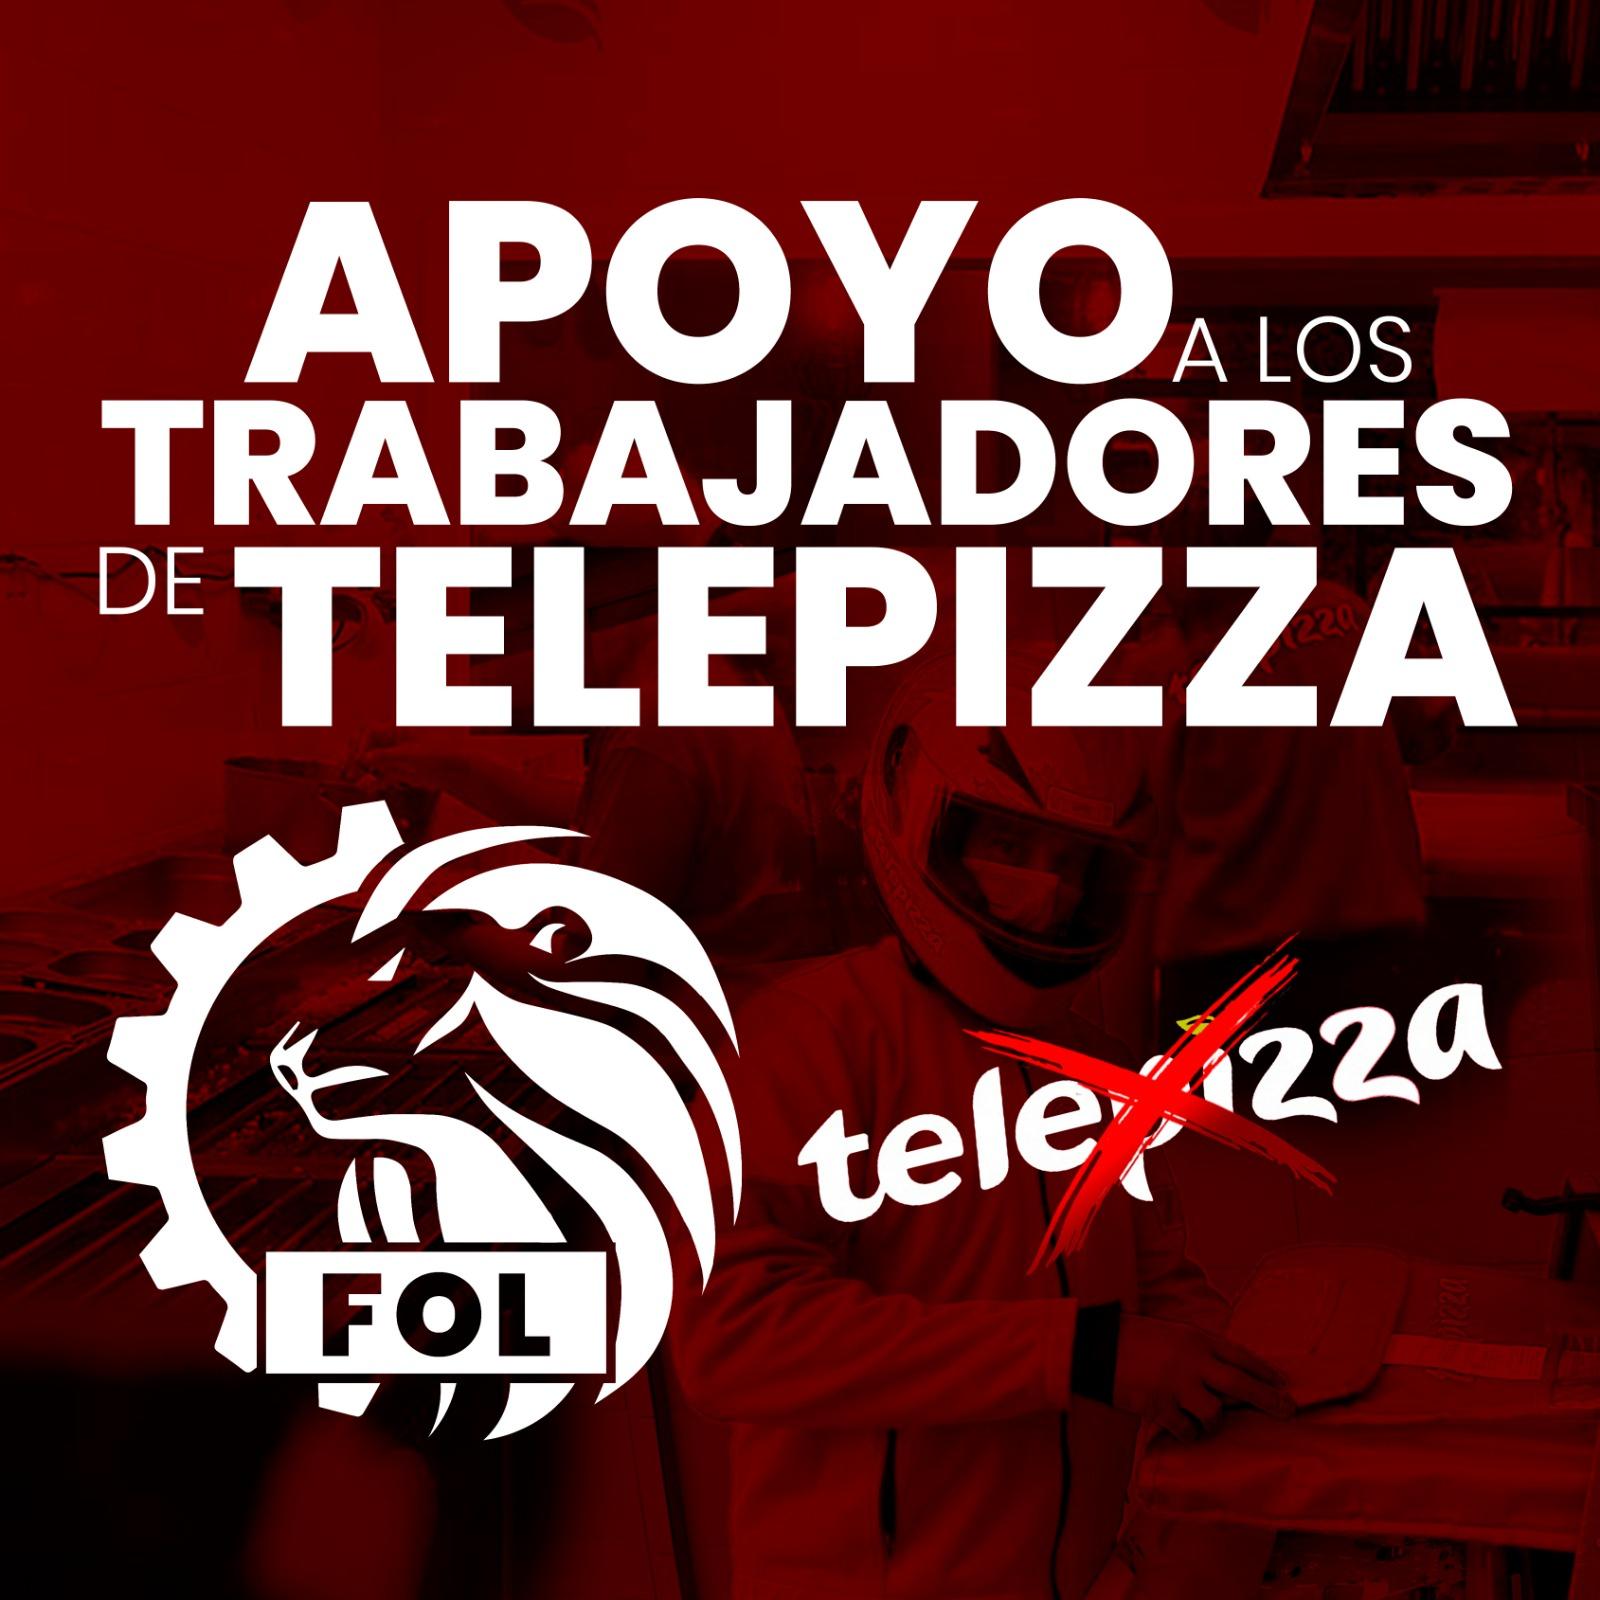 El Frente De Obreros En Lucha En Apoyo A Los Trabajadores De Telepizza